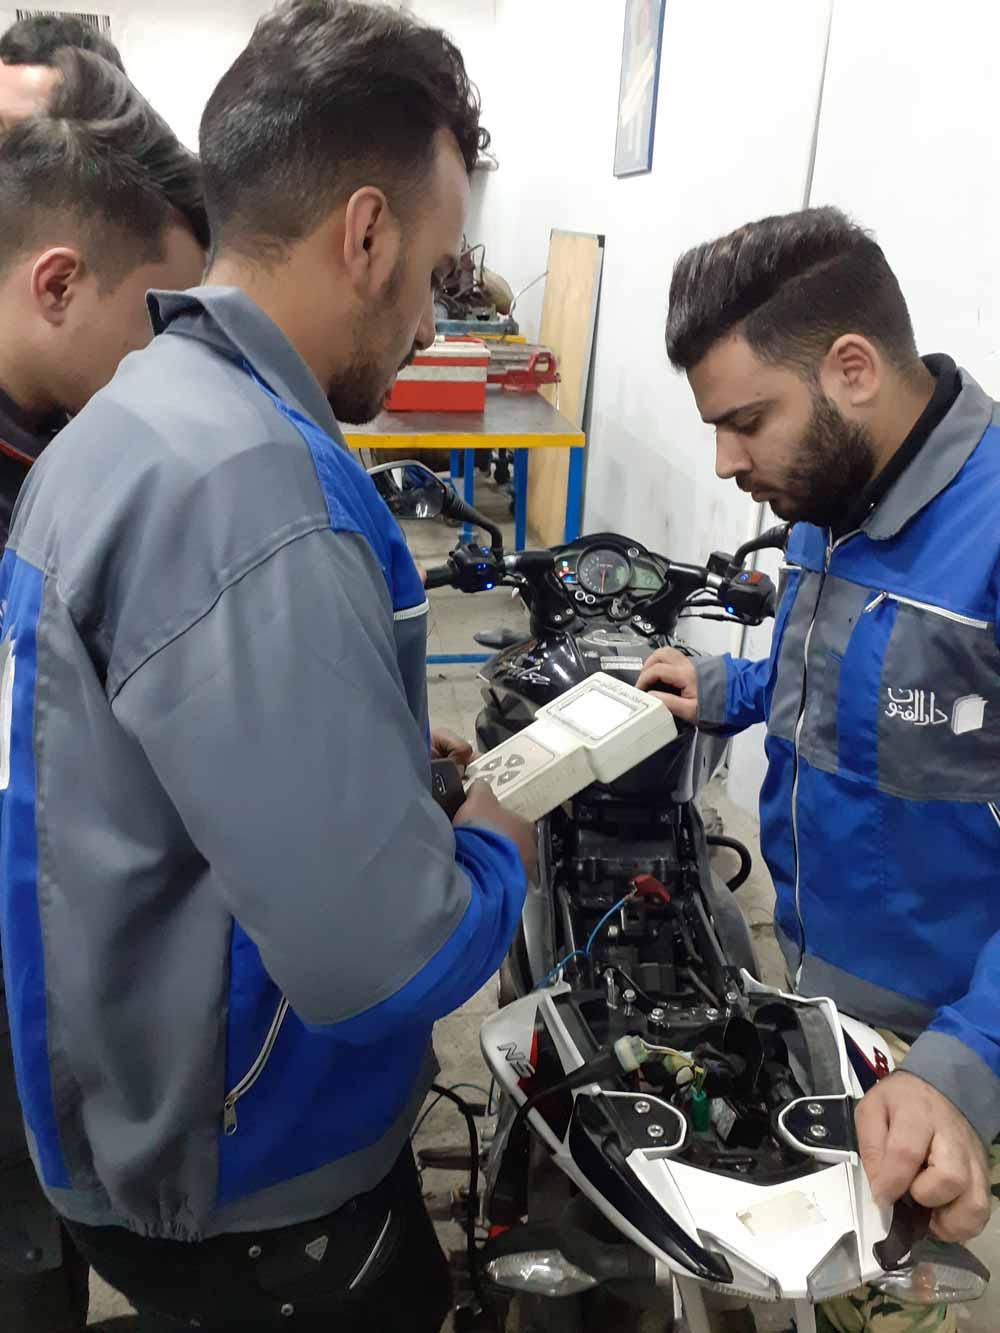 آموزش استفاده از دیاگ در تعمیر موتور سیکلت